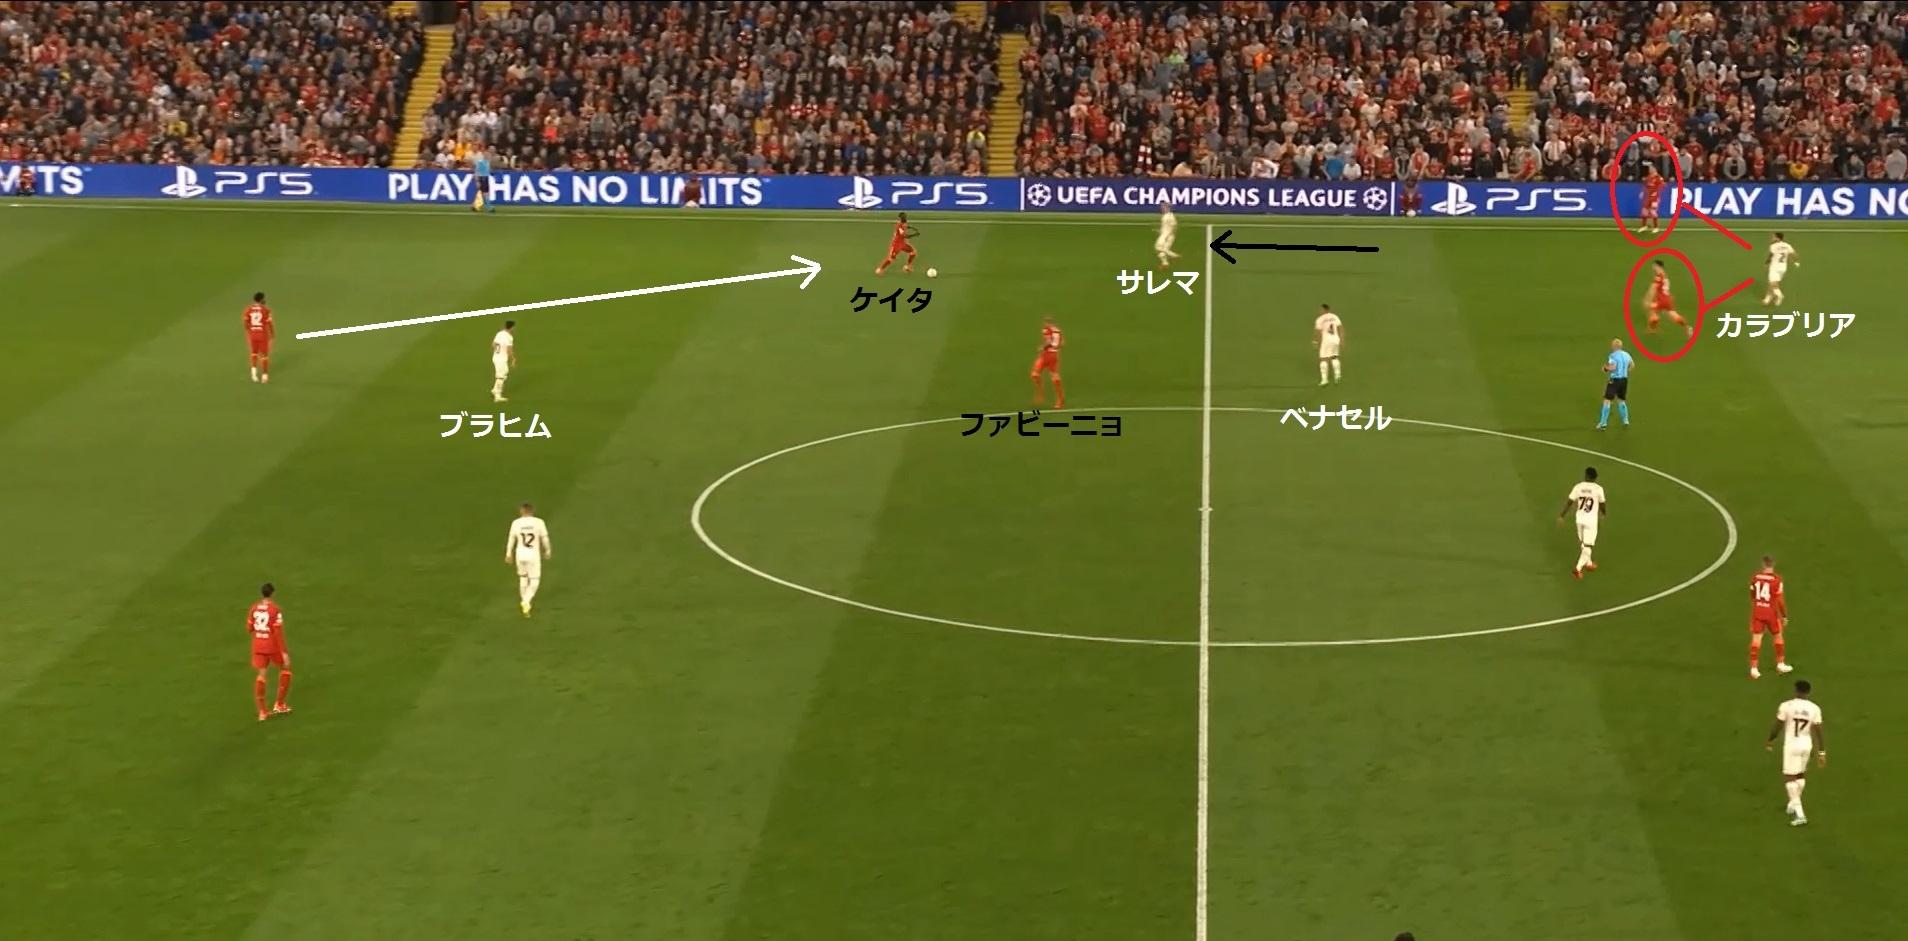 【21-22シーズン】リバプール対ミラン_戦術分析6